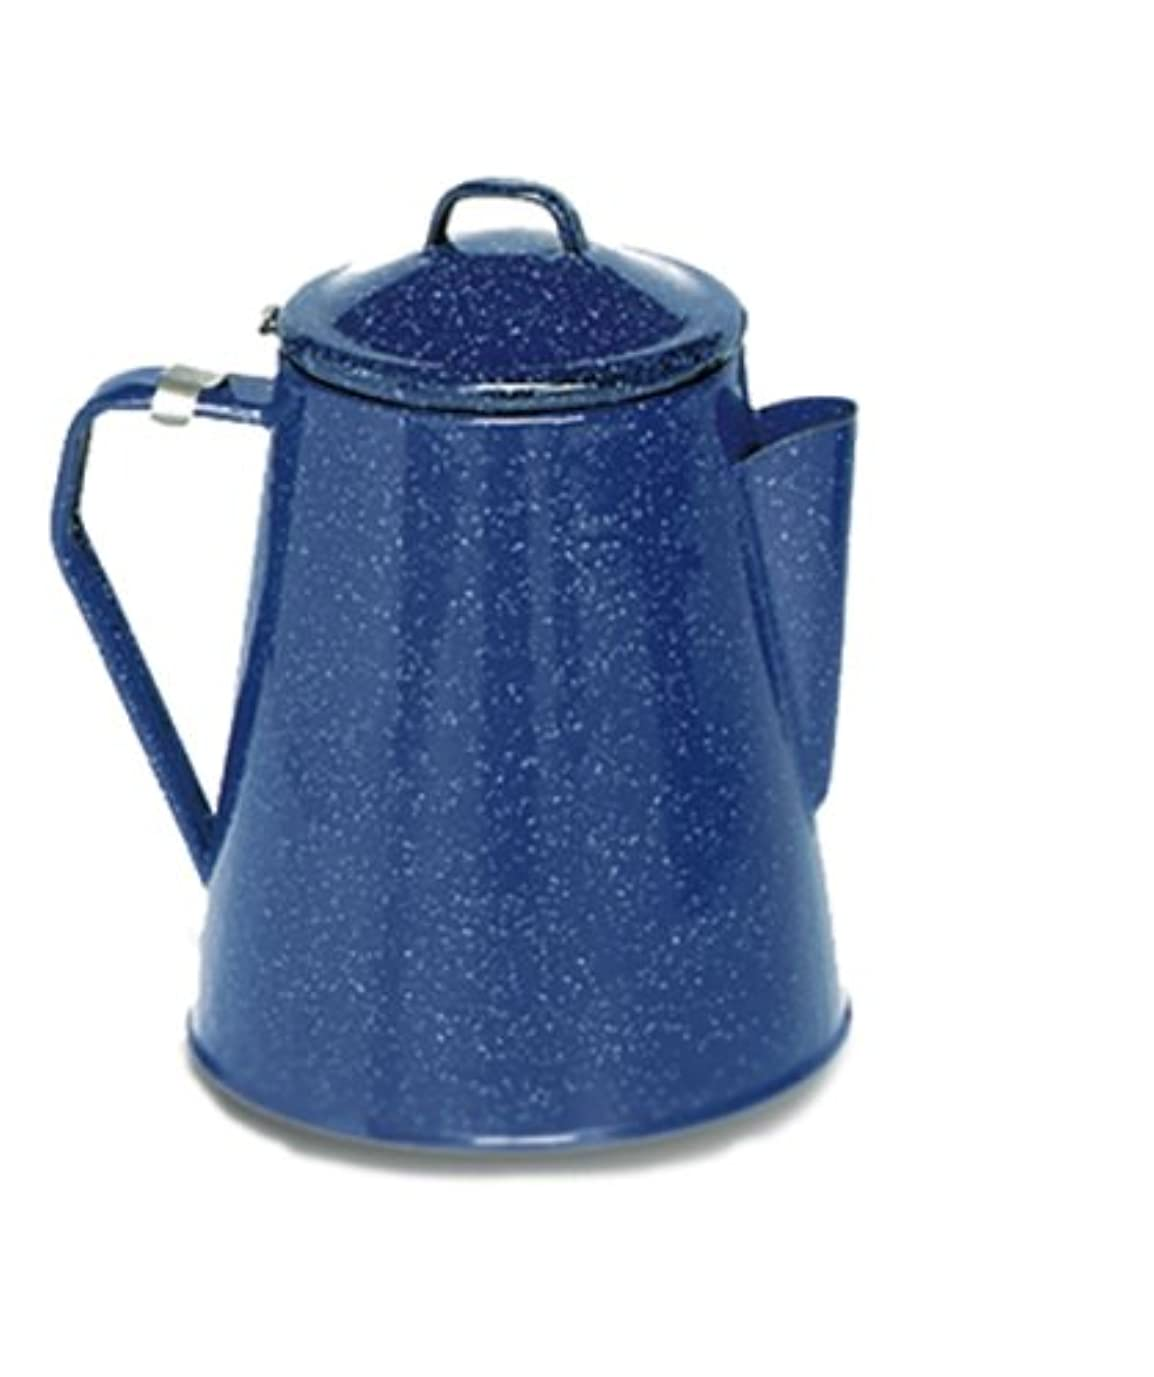 同行一貫性のないエミュレートするTexsport Camping Enamel Percolator Coffee Maker, Blue by Texsport